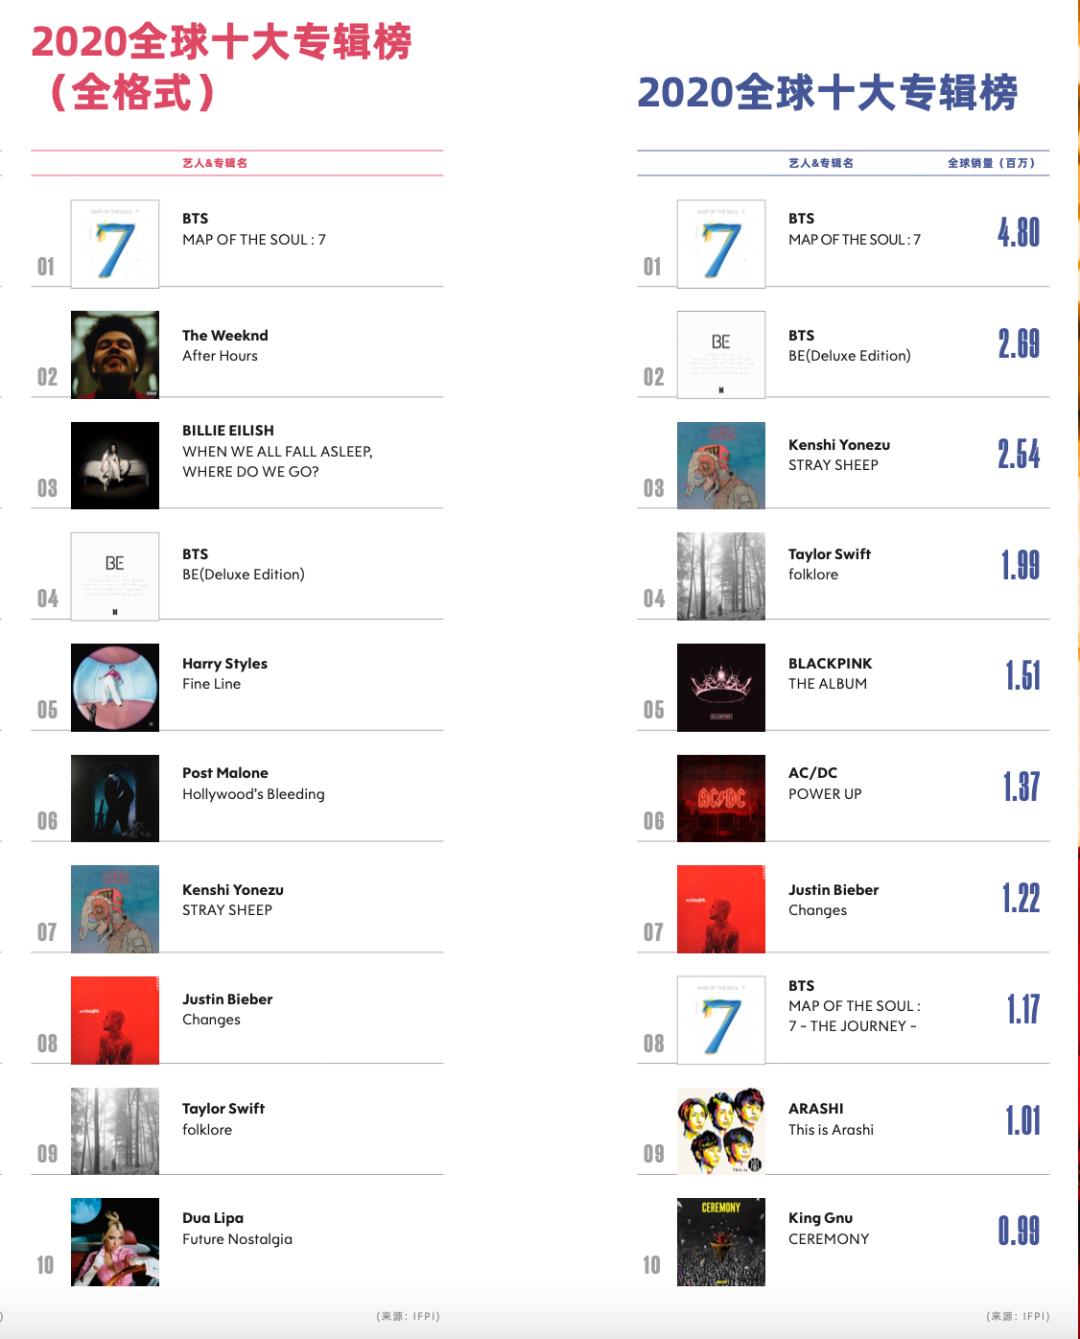 偶像的歌从哪里来?揭秘K-pop全球化音乐制作